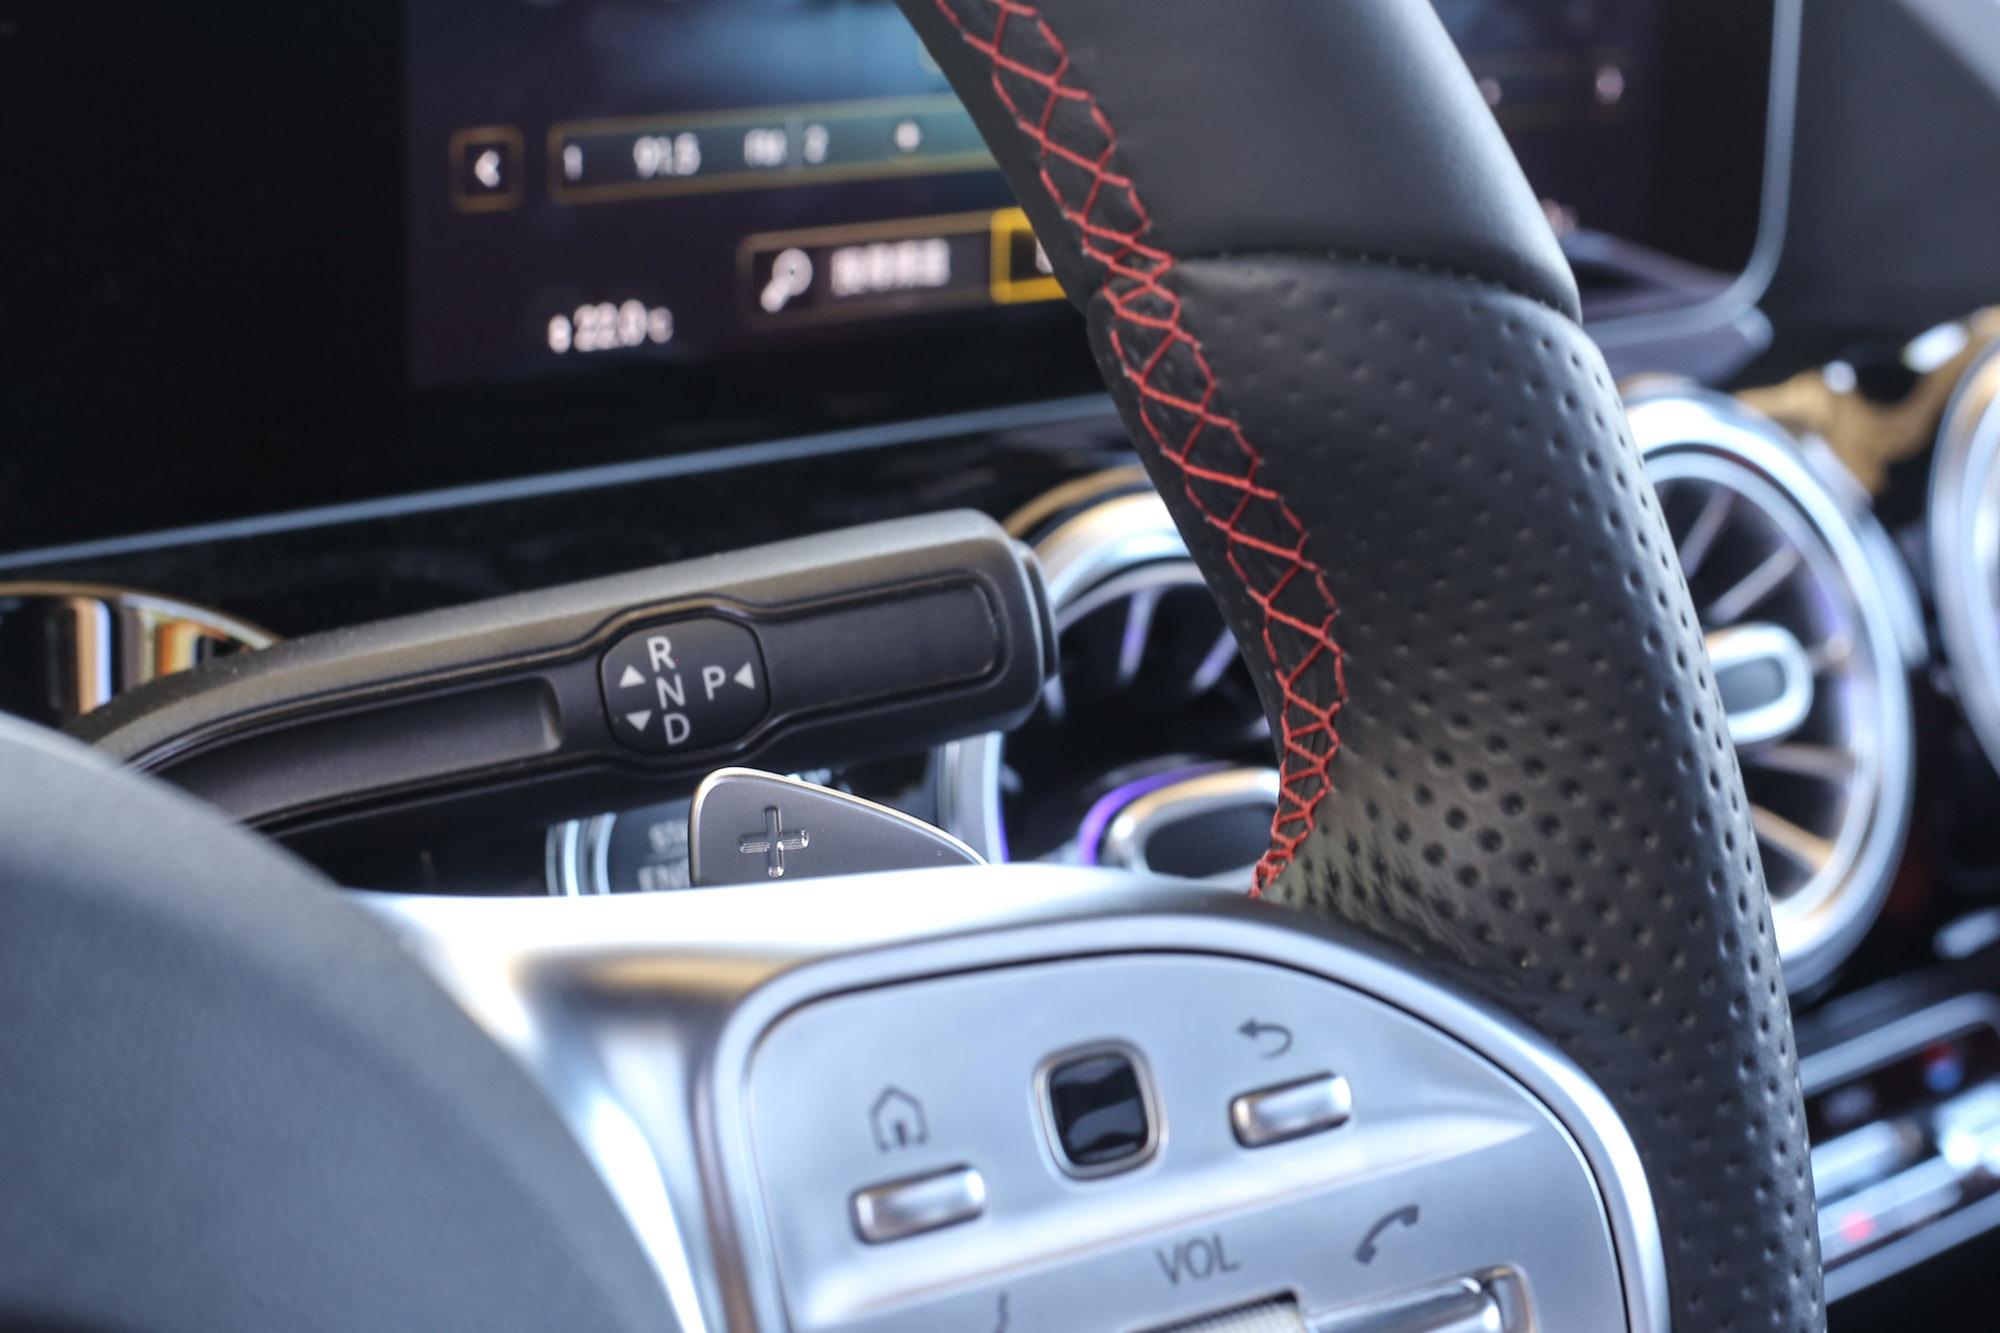 安插於方向盤右後方的排檔桿一旦習慣後,操作也非常直覺。